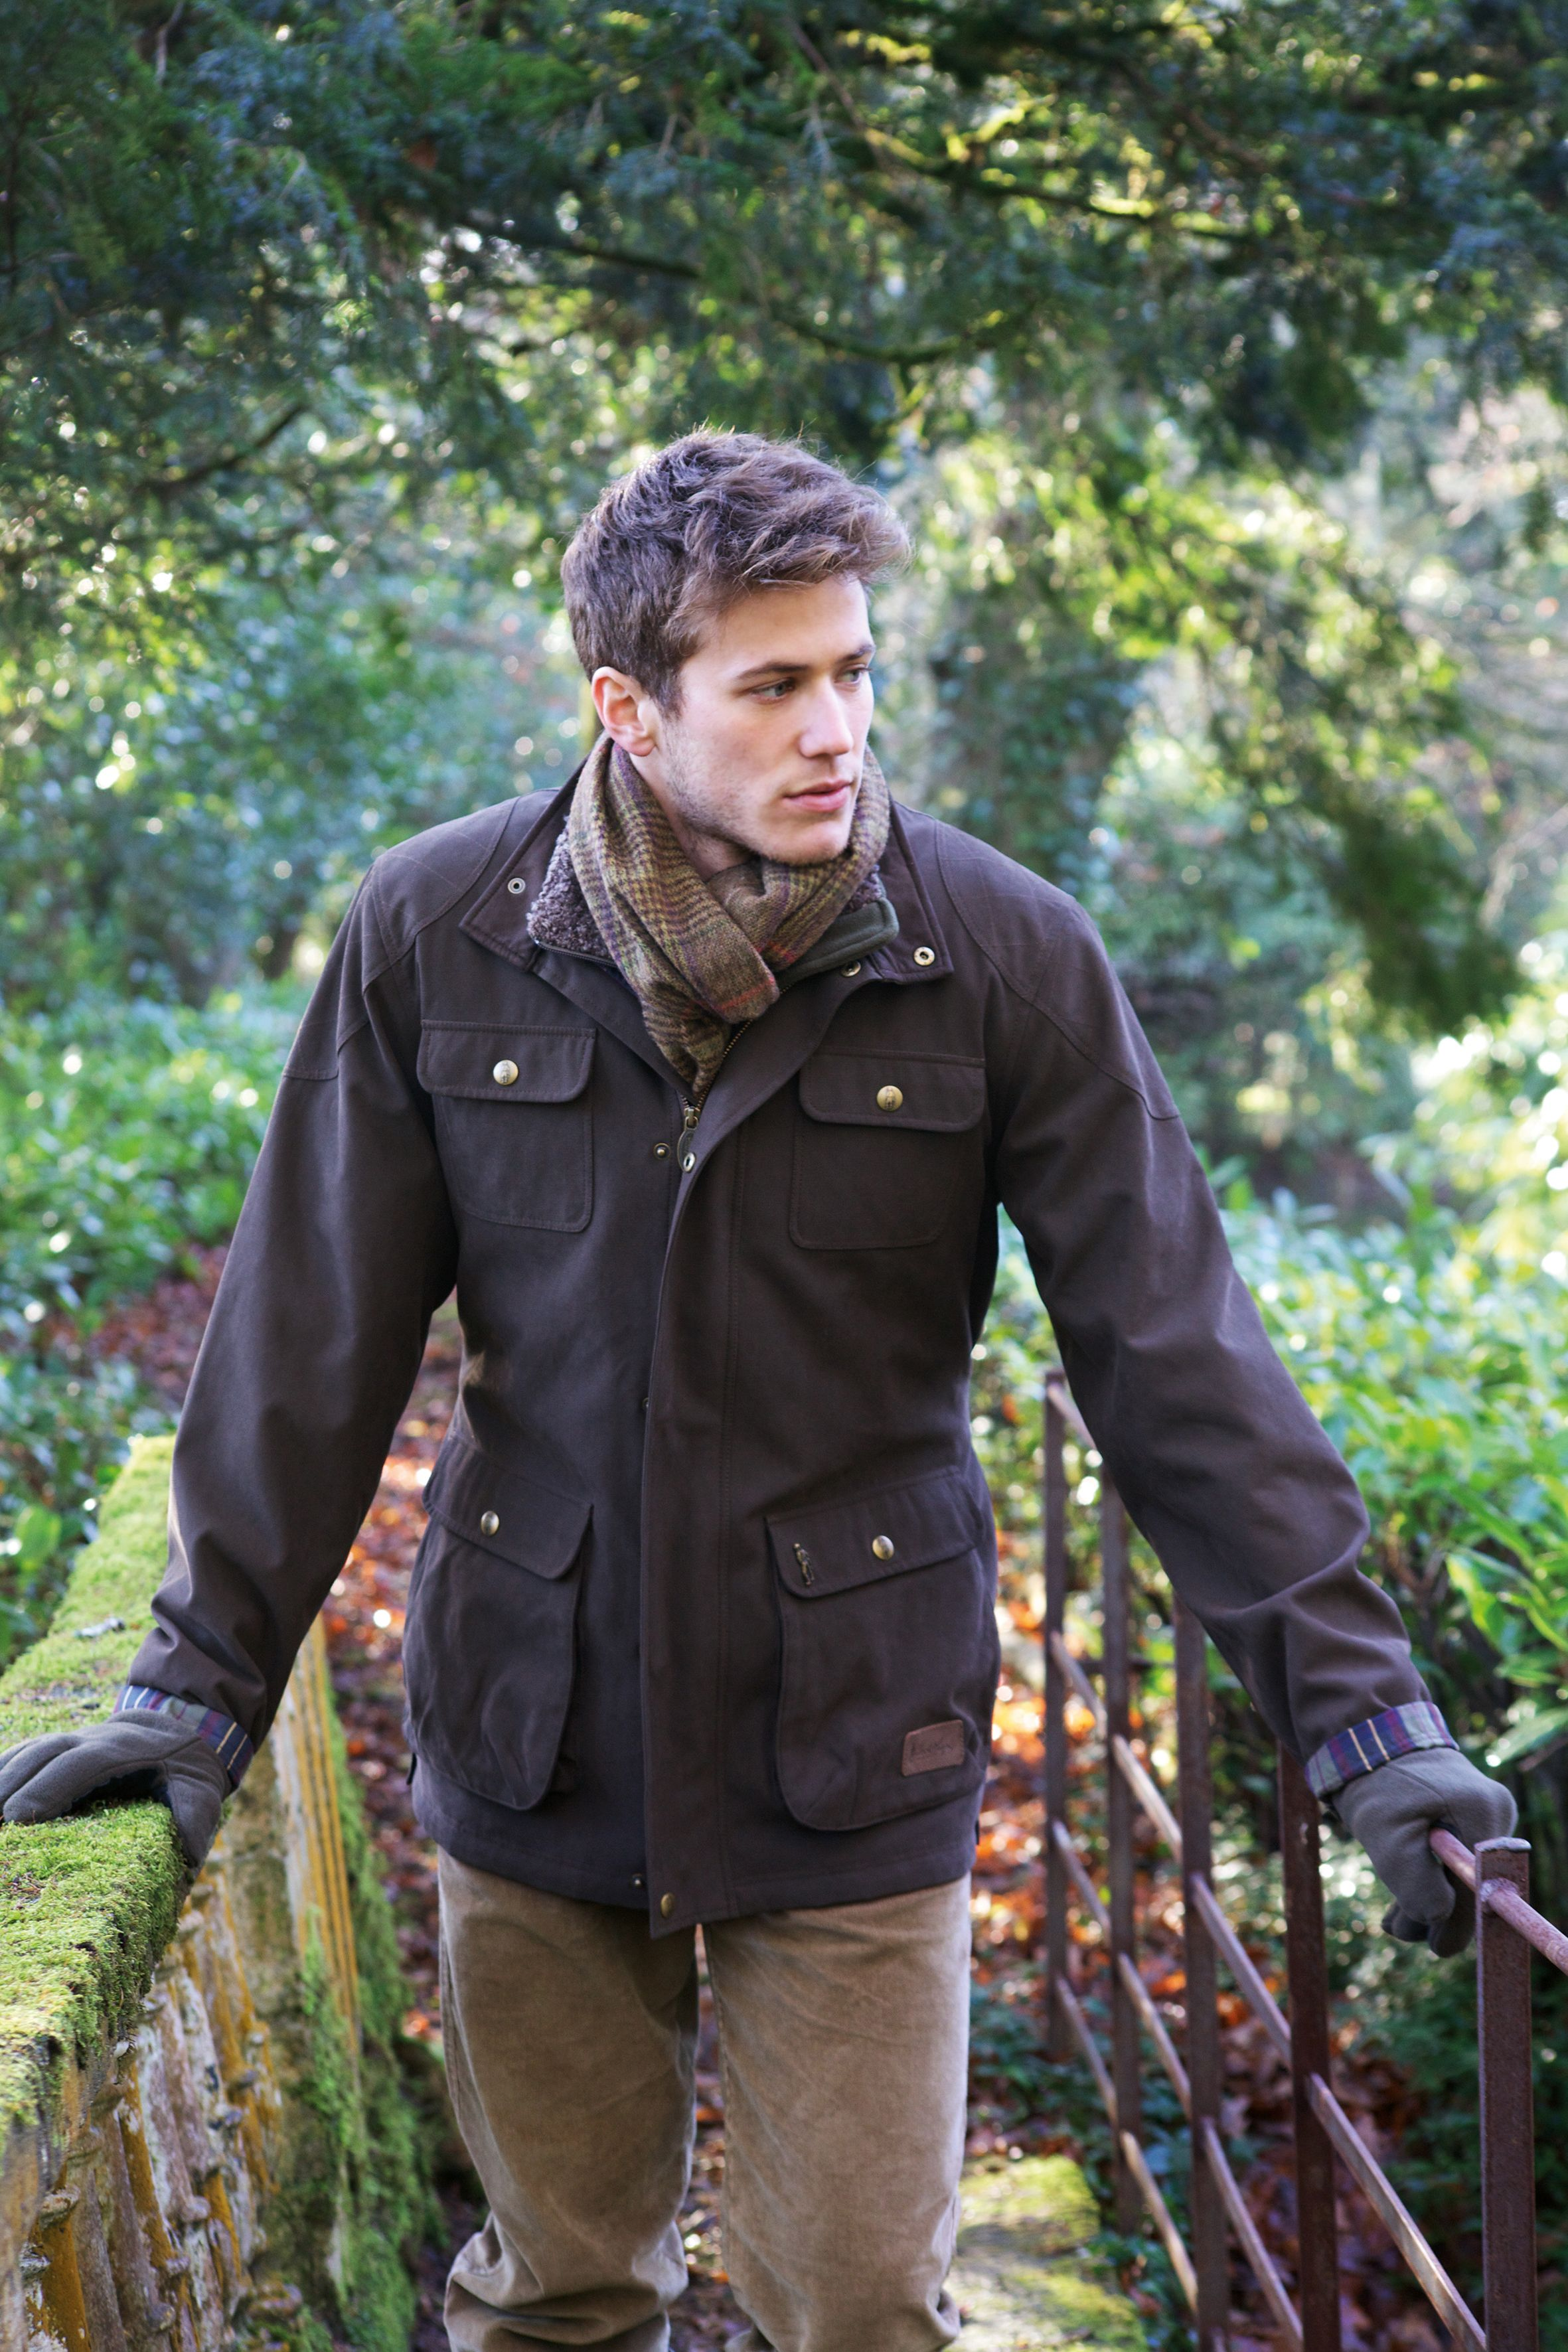 Jack Murphy's JOSHUA Waterproof Jacket | Jack Murphy AW14 Menswear ... : jack murphy quilted jacket - Adamdwight.com